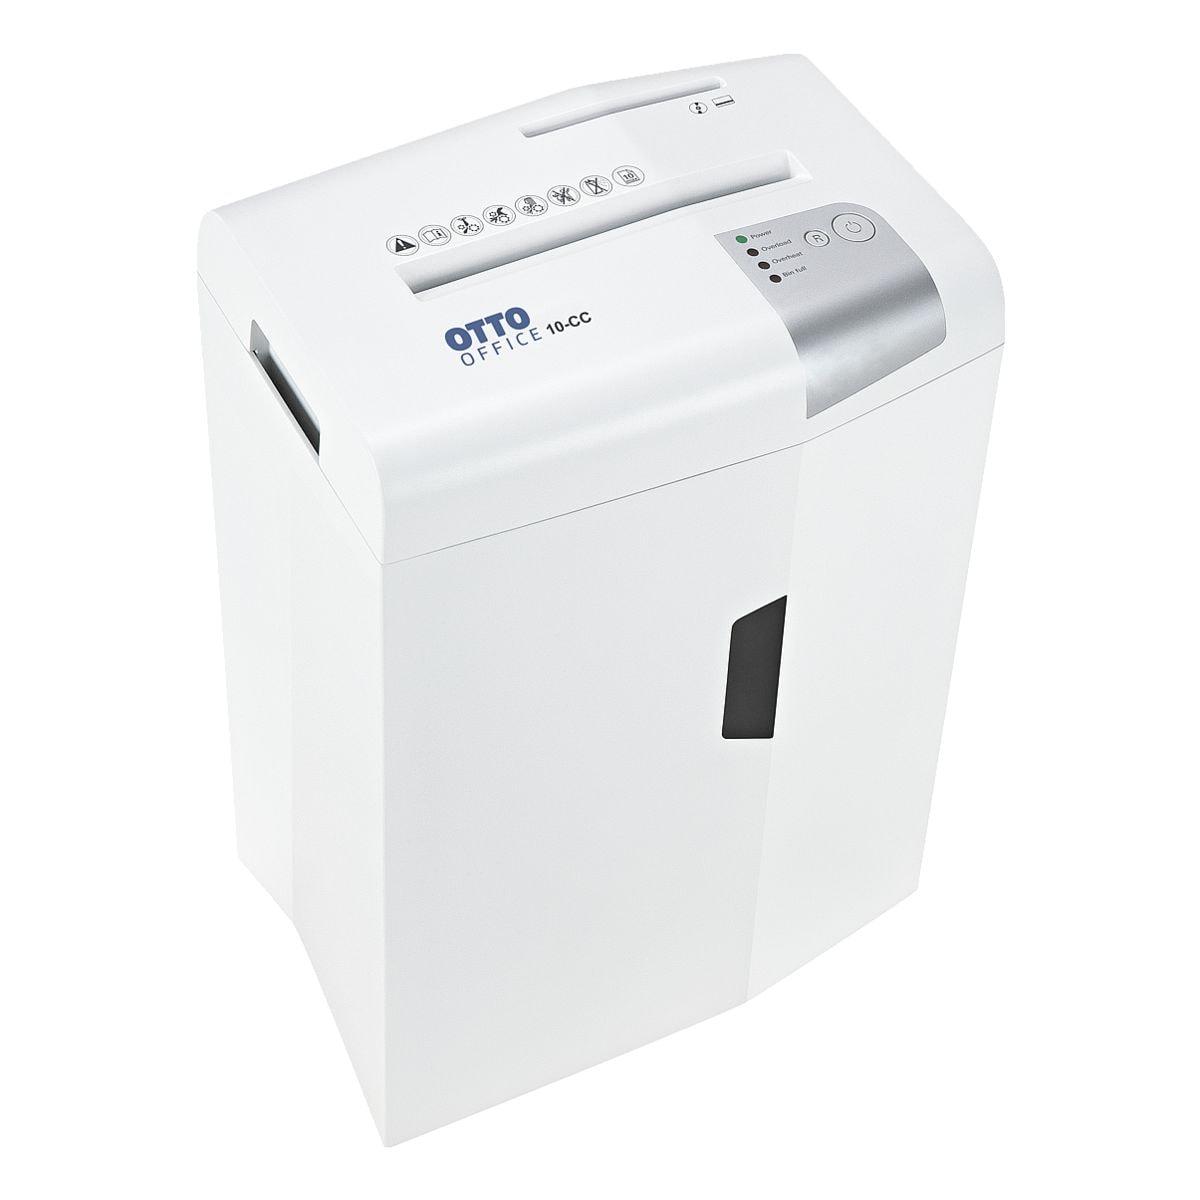 destructeur de documents OTTO Office 10-CC, Niveau de sécurité 4, coupe « croisée » (4,5 x 30 mm) jusqu'à 10 feuille(s)